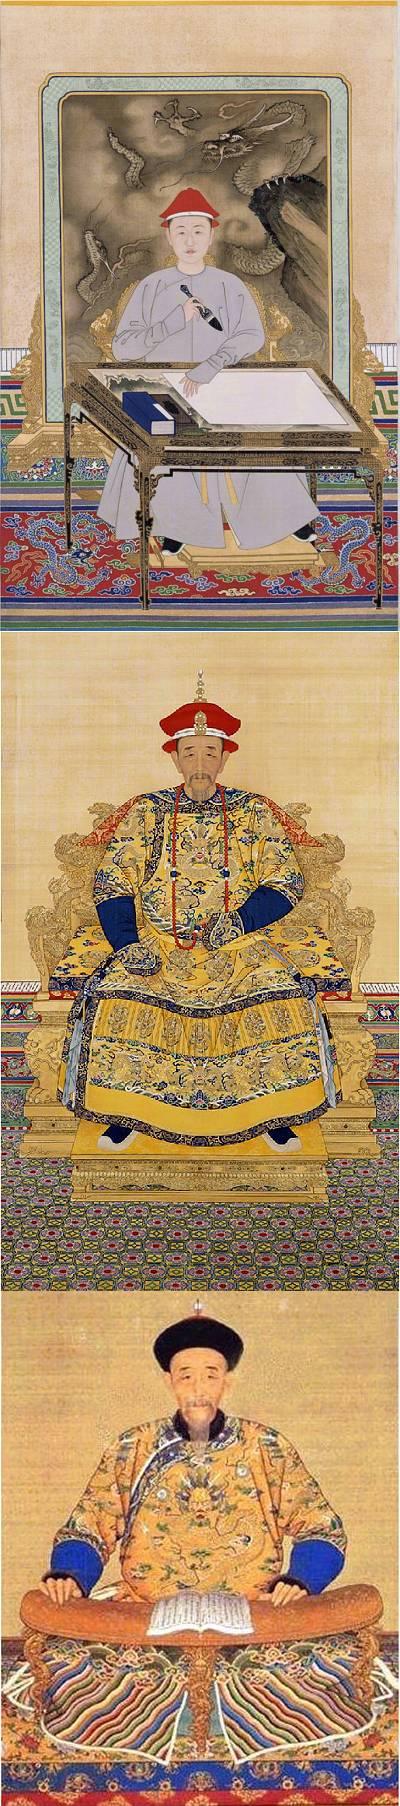 Ba tranh chân dung Hoàng Đế Khang Hy - Thanh